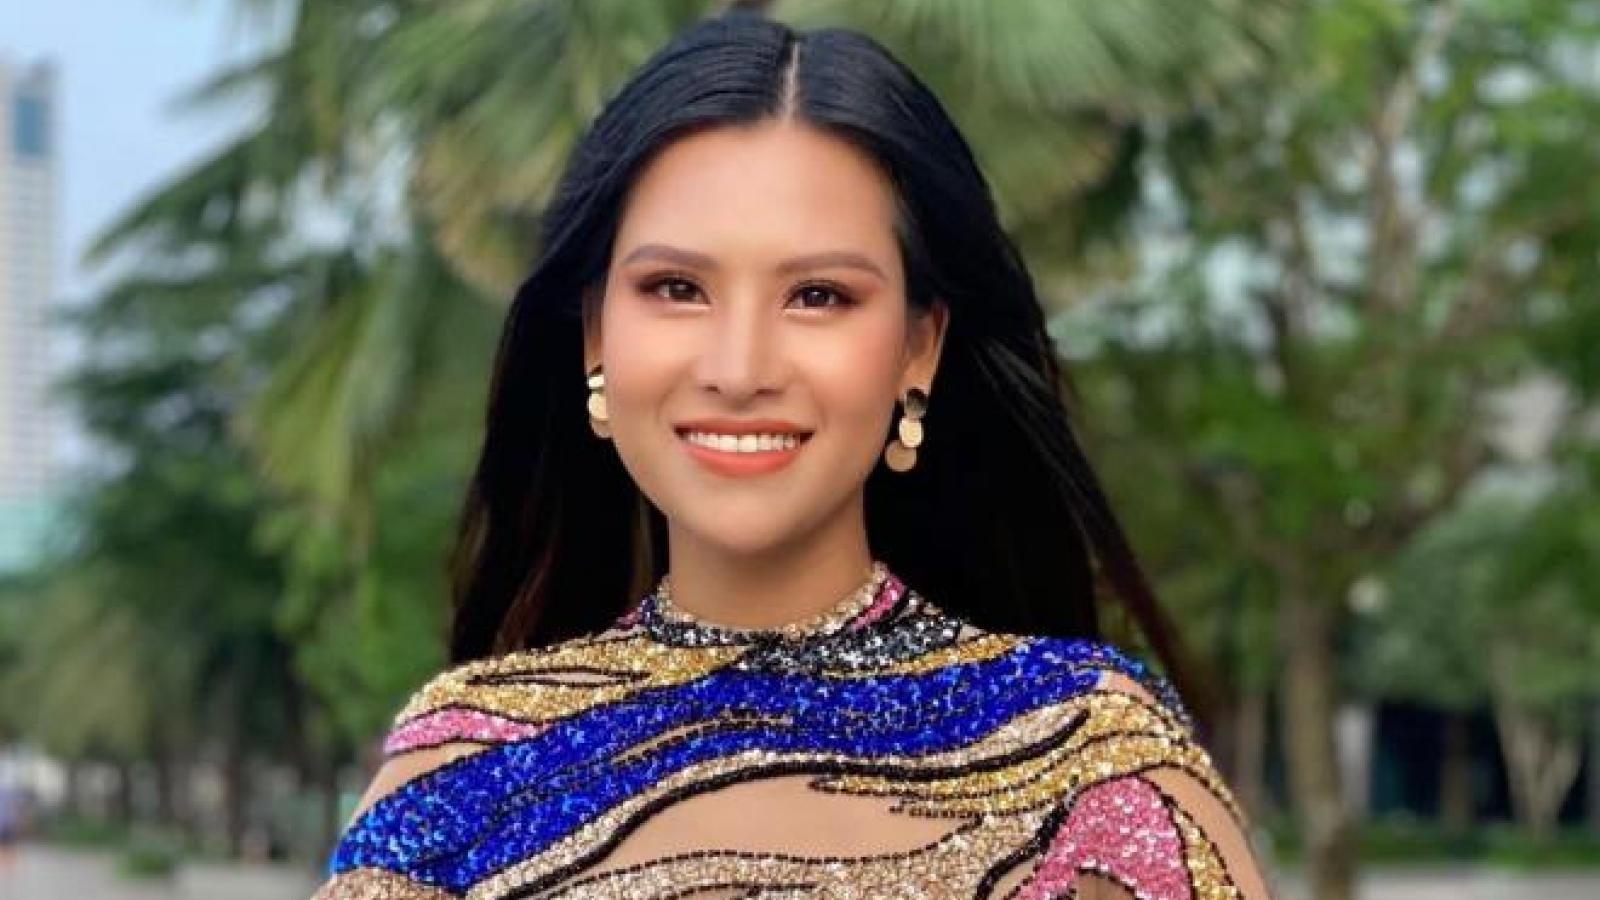 Thái Thị Hoa giành giải về Trang phục dạ hội tại Hoa hậu Trái đất